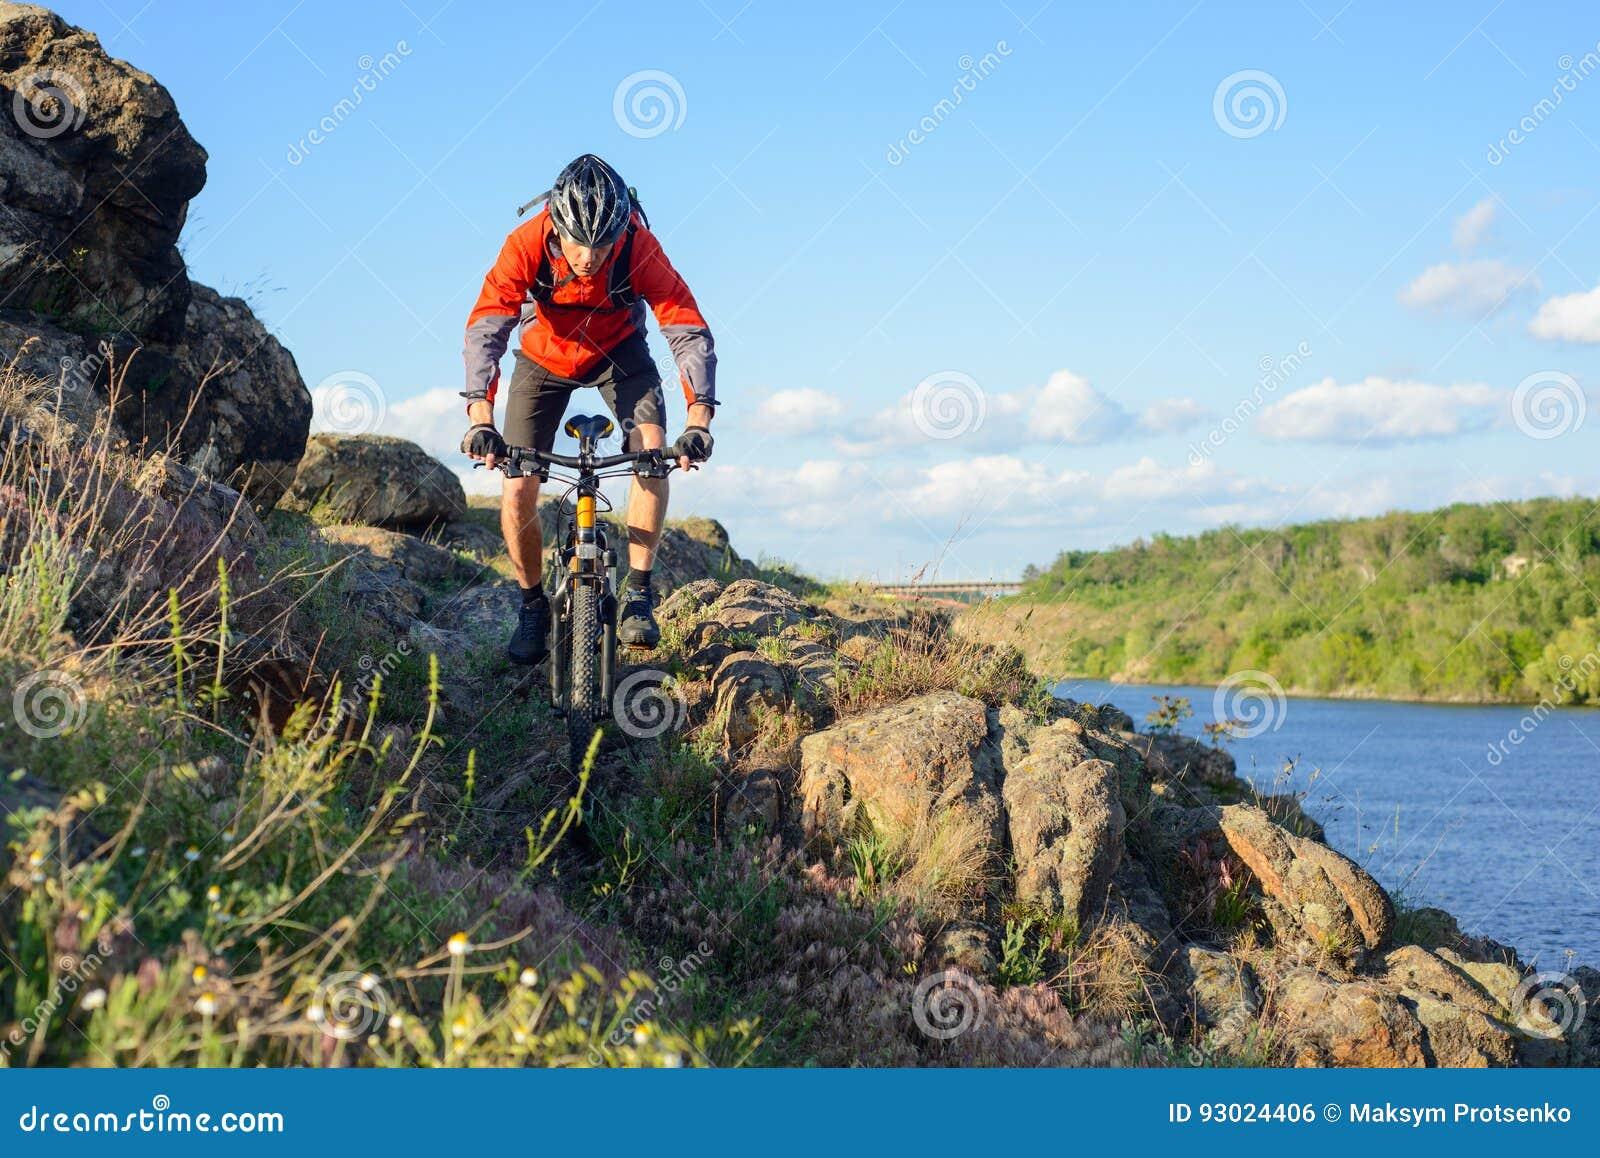 A Montar Bici La En Chaqueta Roja Ciclista Caballo Del De Montaña wx0YBxqTF